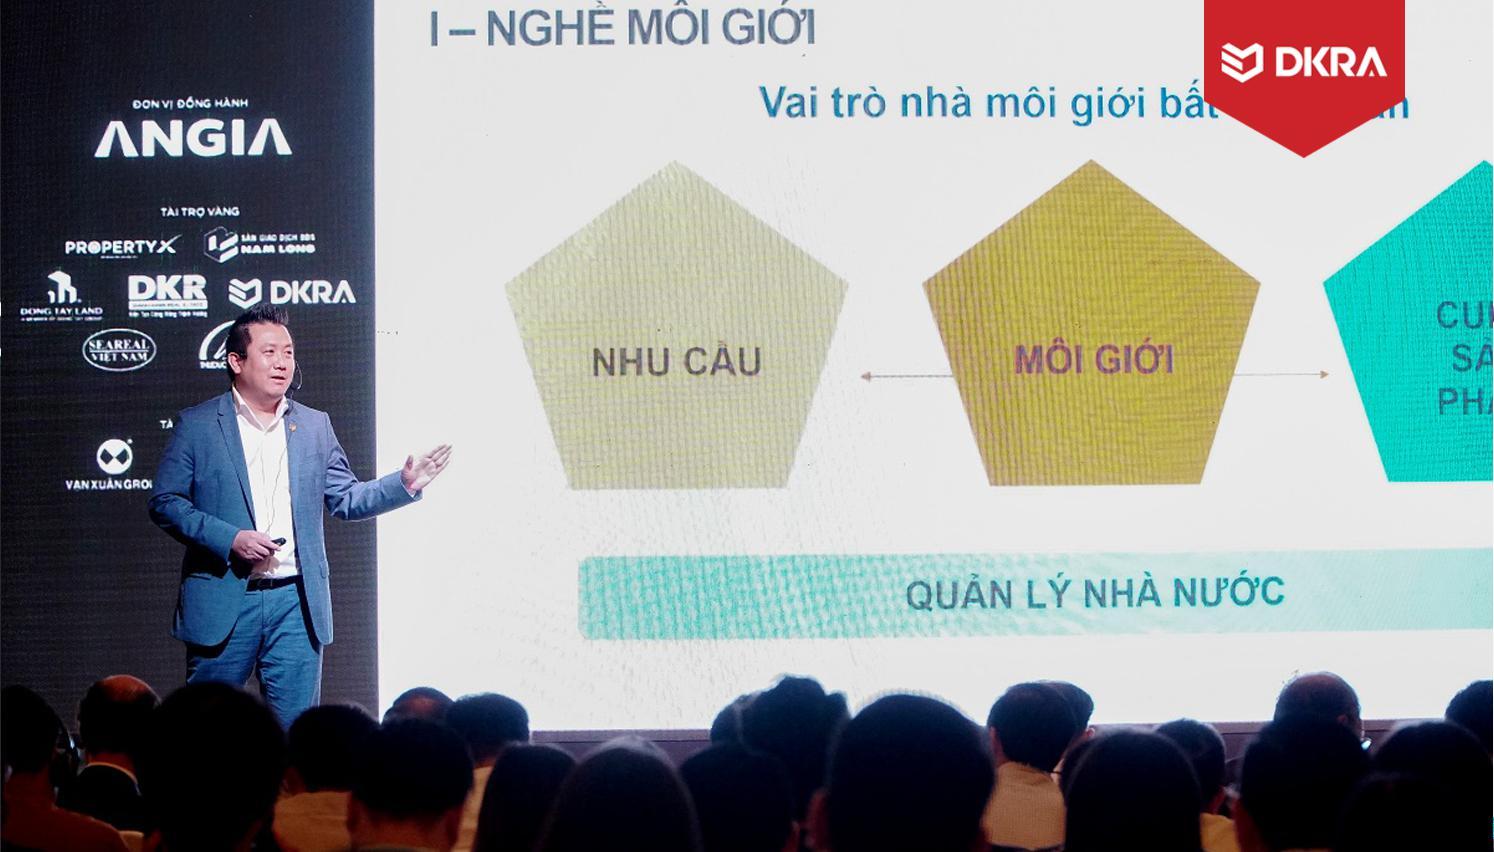 CEO DKRA Vietnam đẩy mạnh chuyên nghiệp hóa nghề môi giới Bất động sản